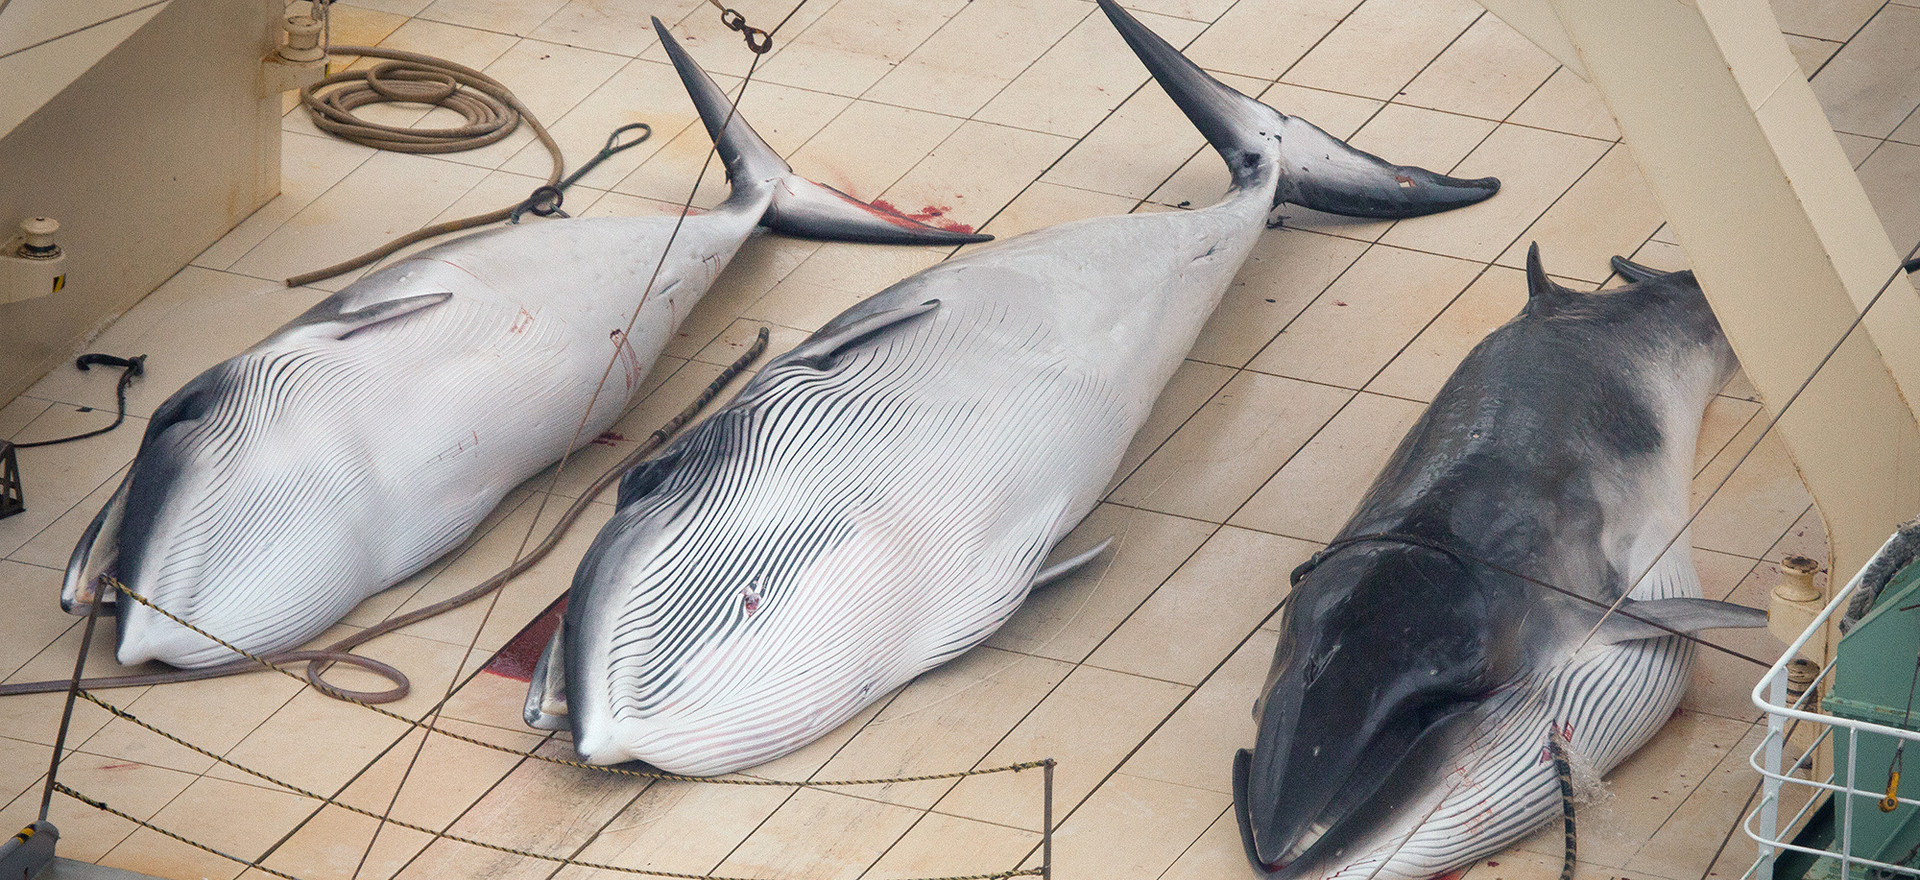 Dead Minke Whales on the Nisshin Maru De